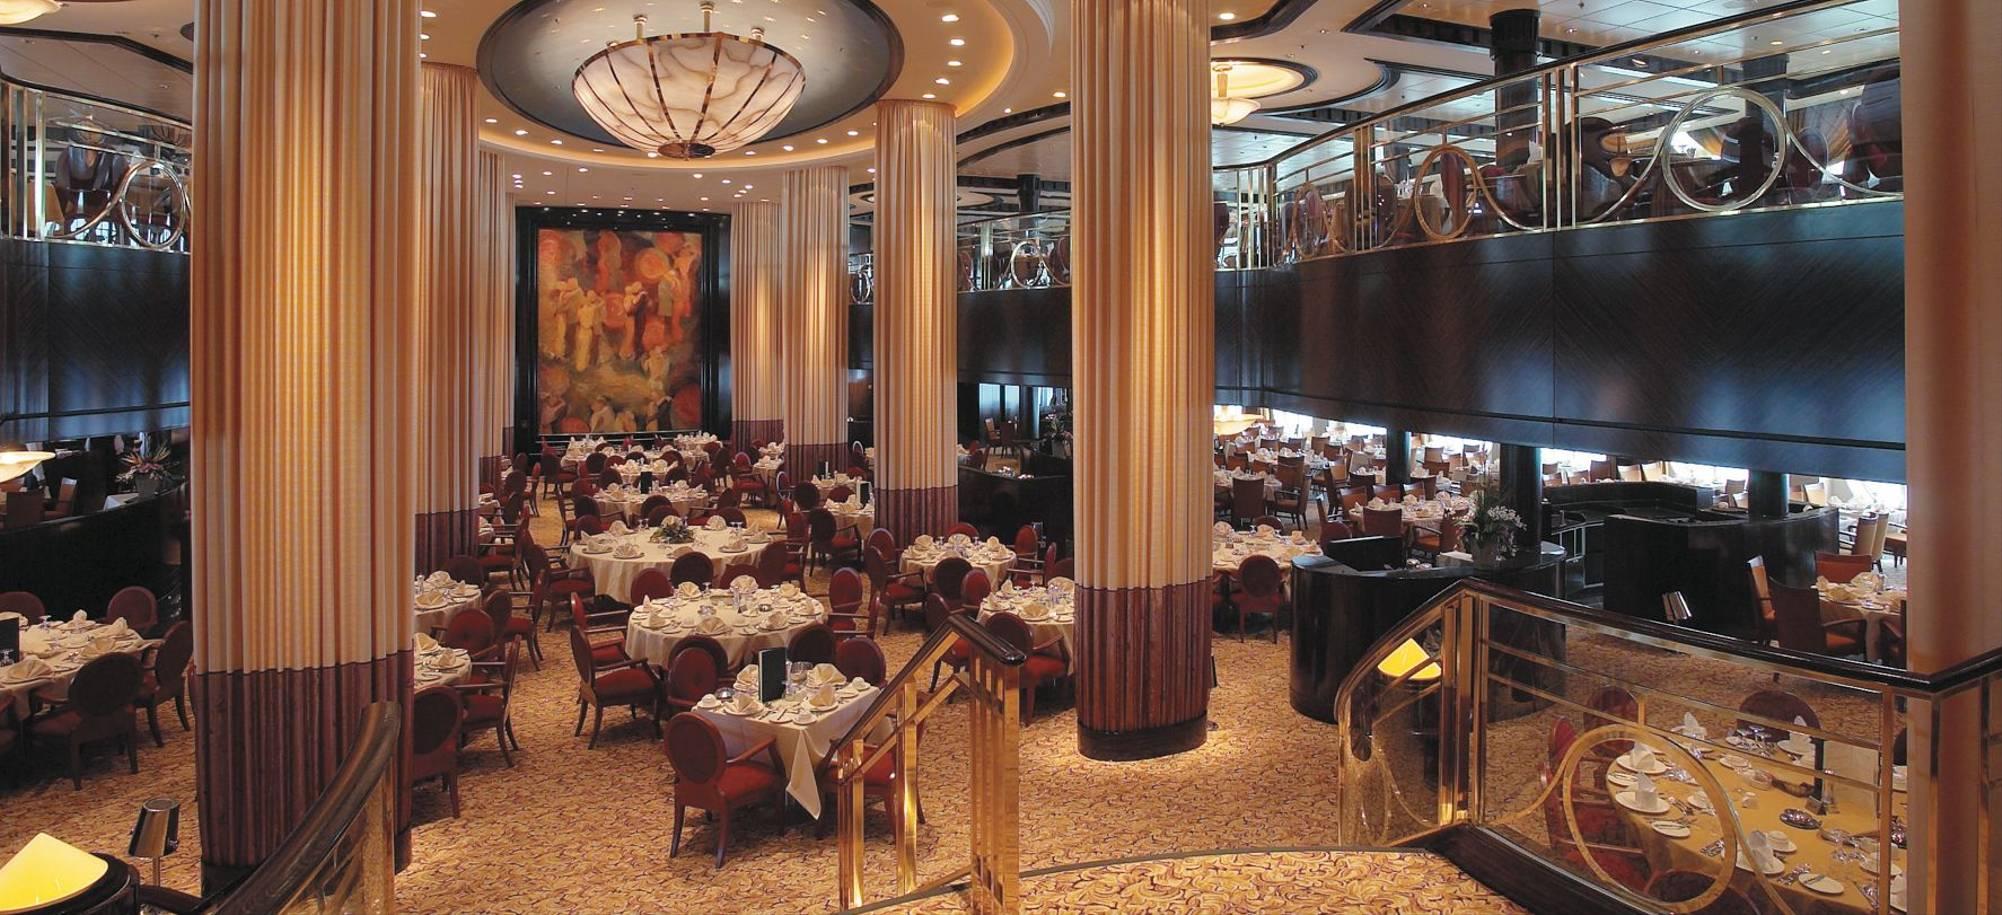 Serenade - Restaurant - Itinerary Desktop .jpg